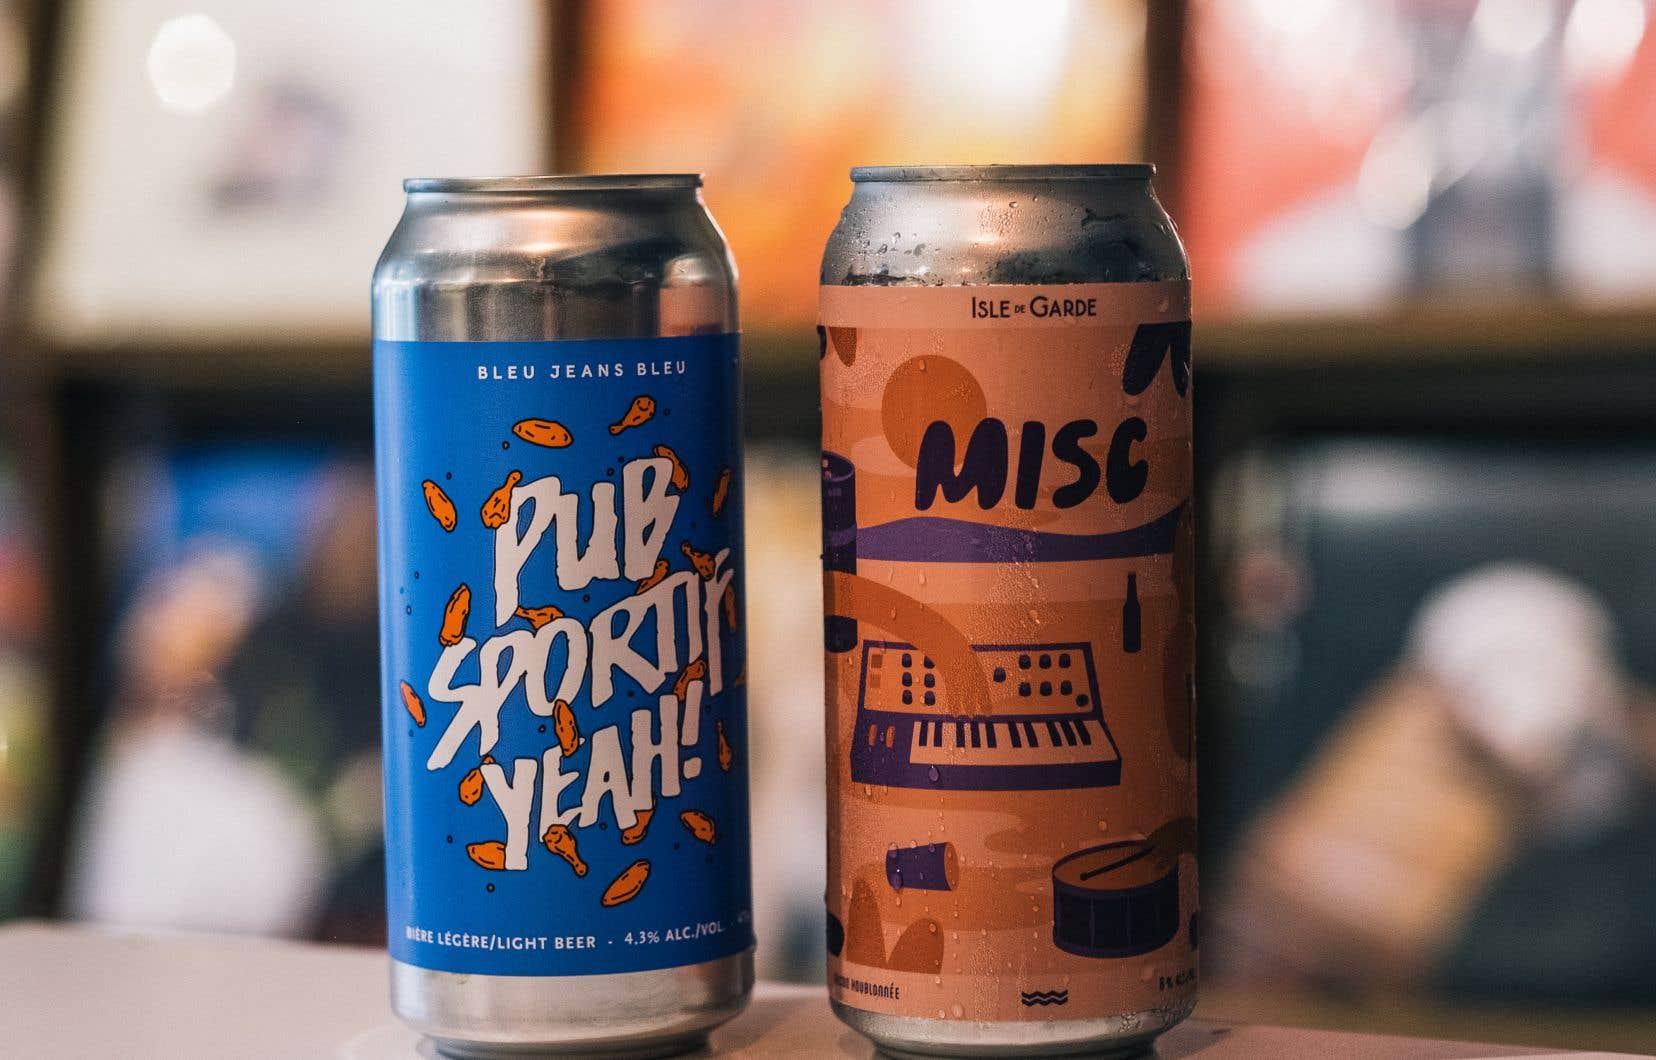 Les bières MISC, de l'Isle de Garde, et Pub sportif Yeah! de Bleu Jeans Bleu